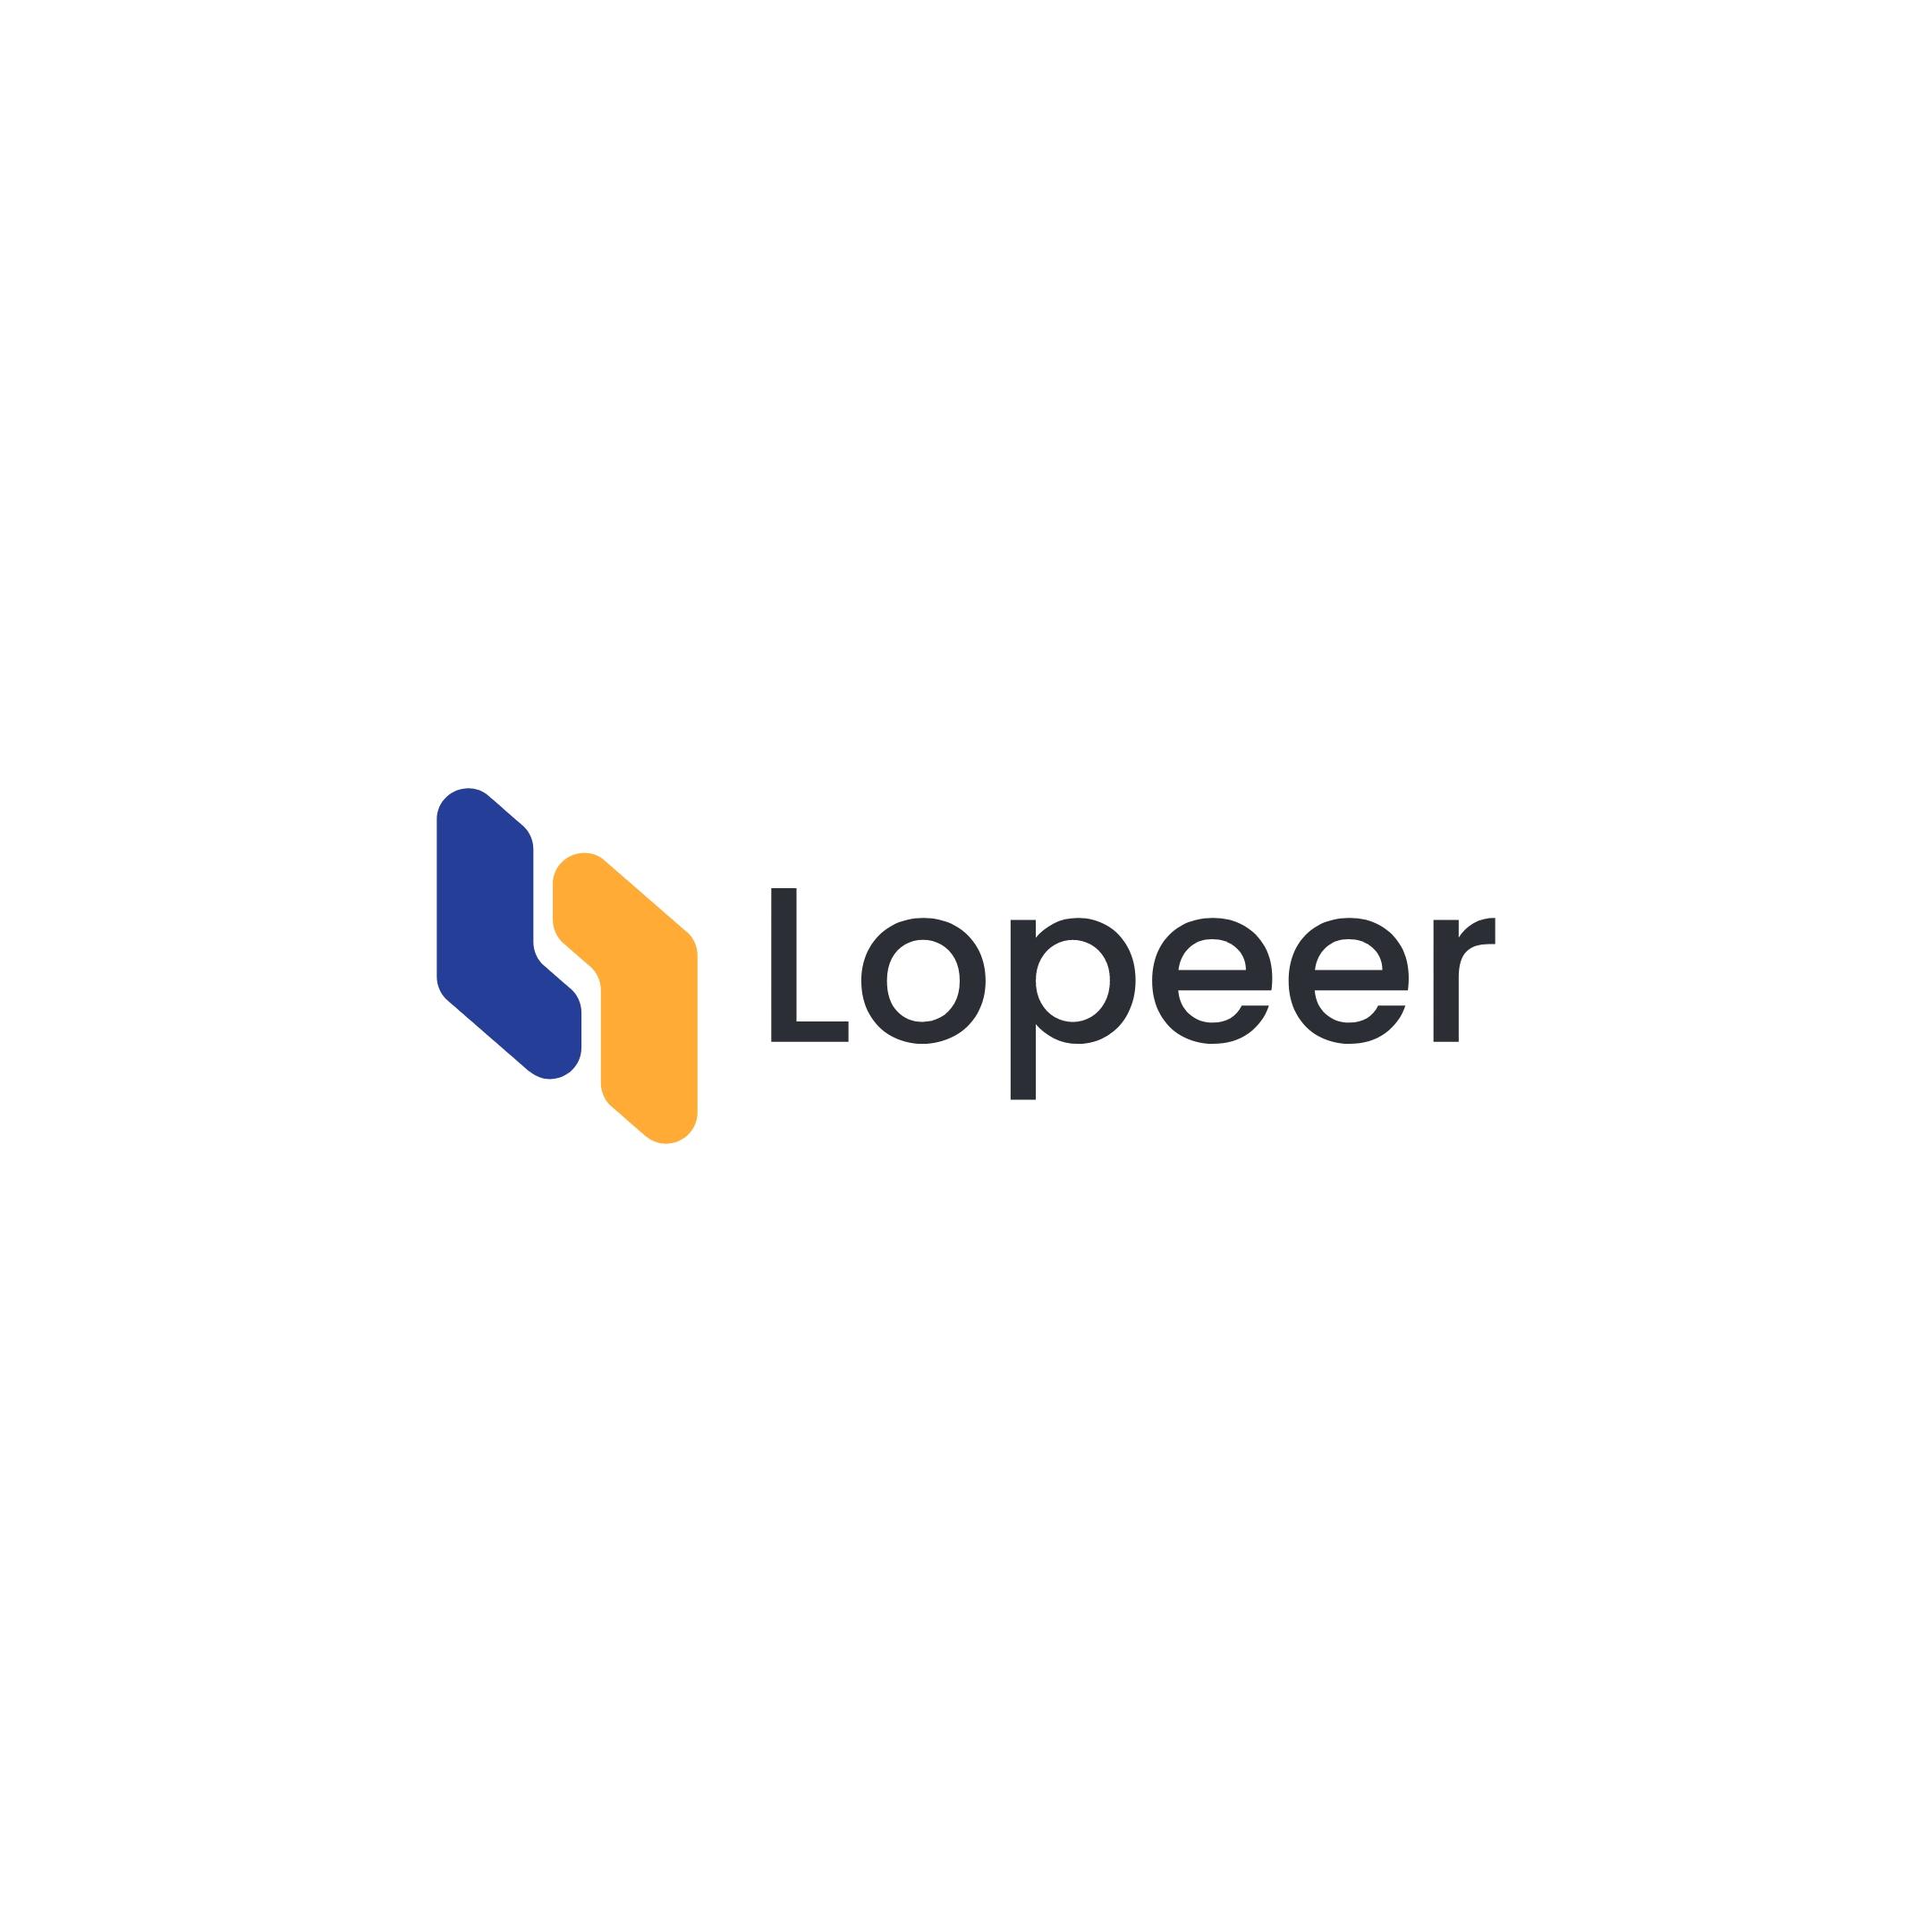 lopeer blu logo Press & Media Kit